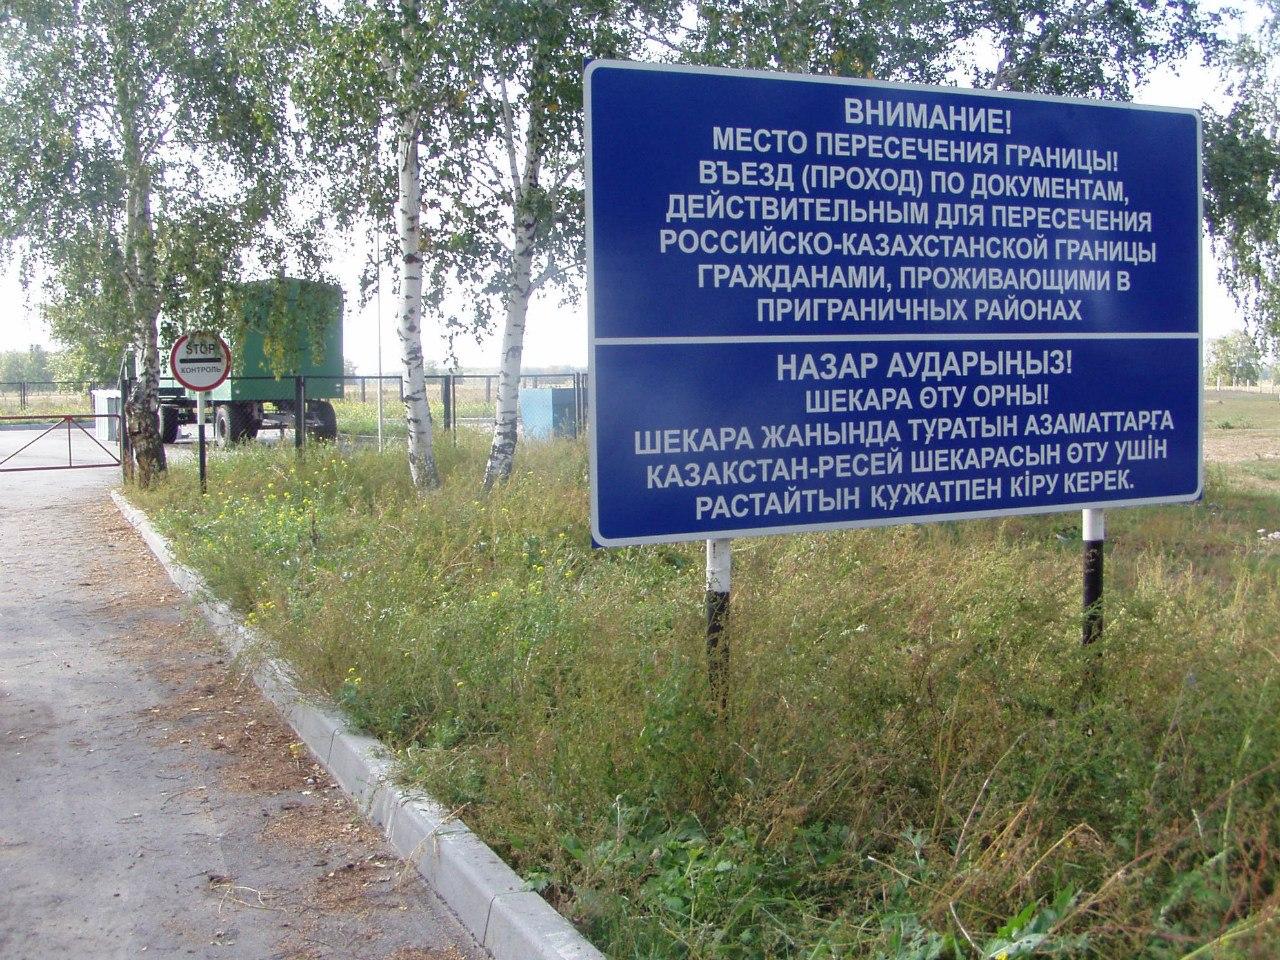 Границы между Казахстаном и Россией остаются закрытыми